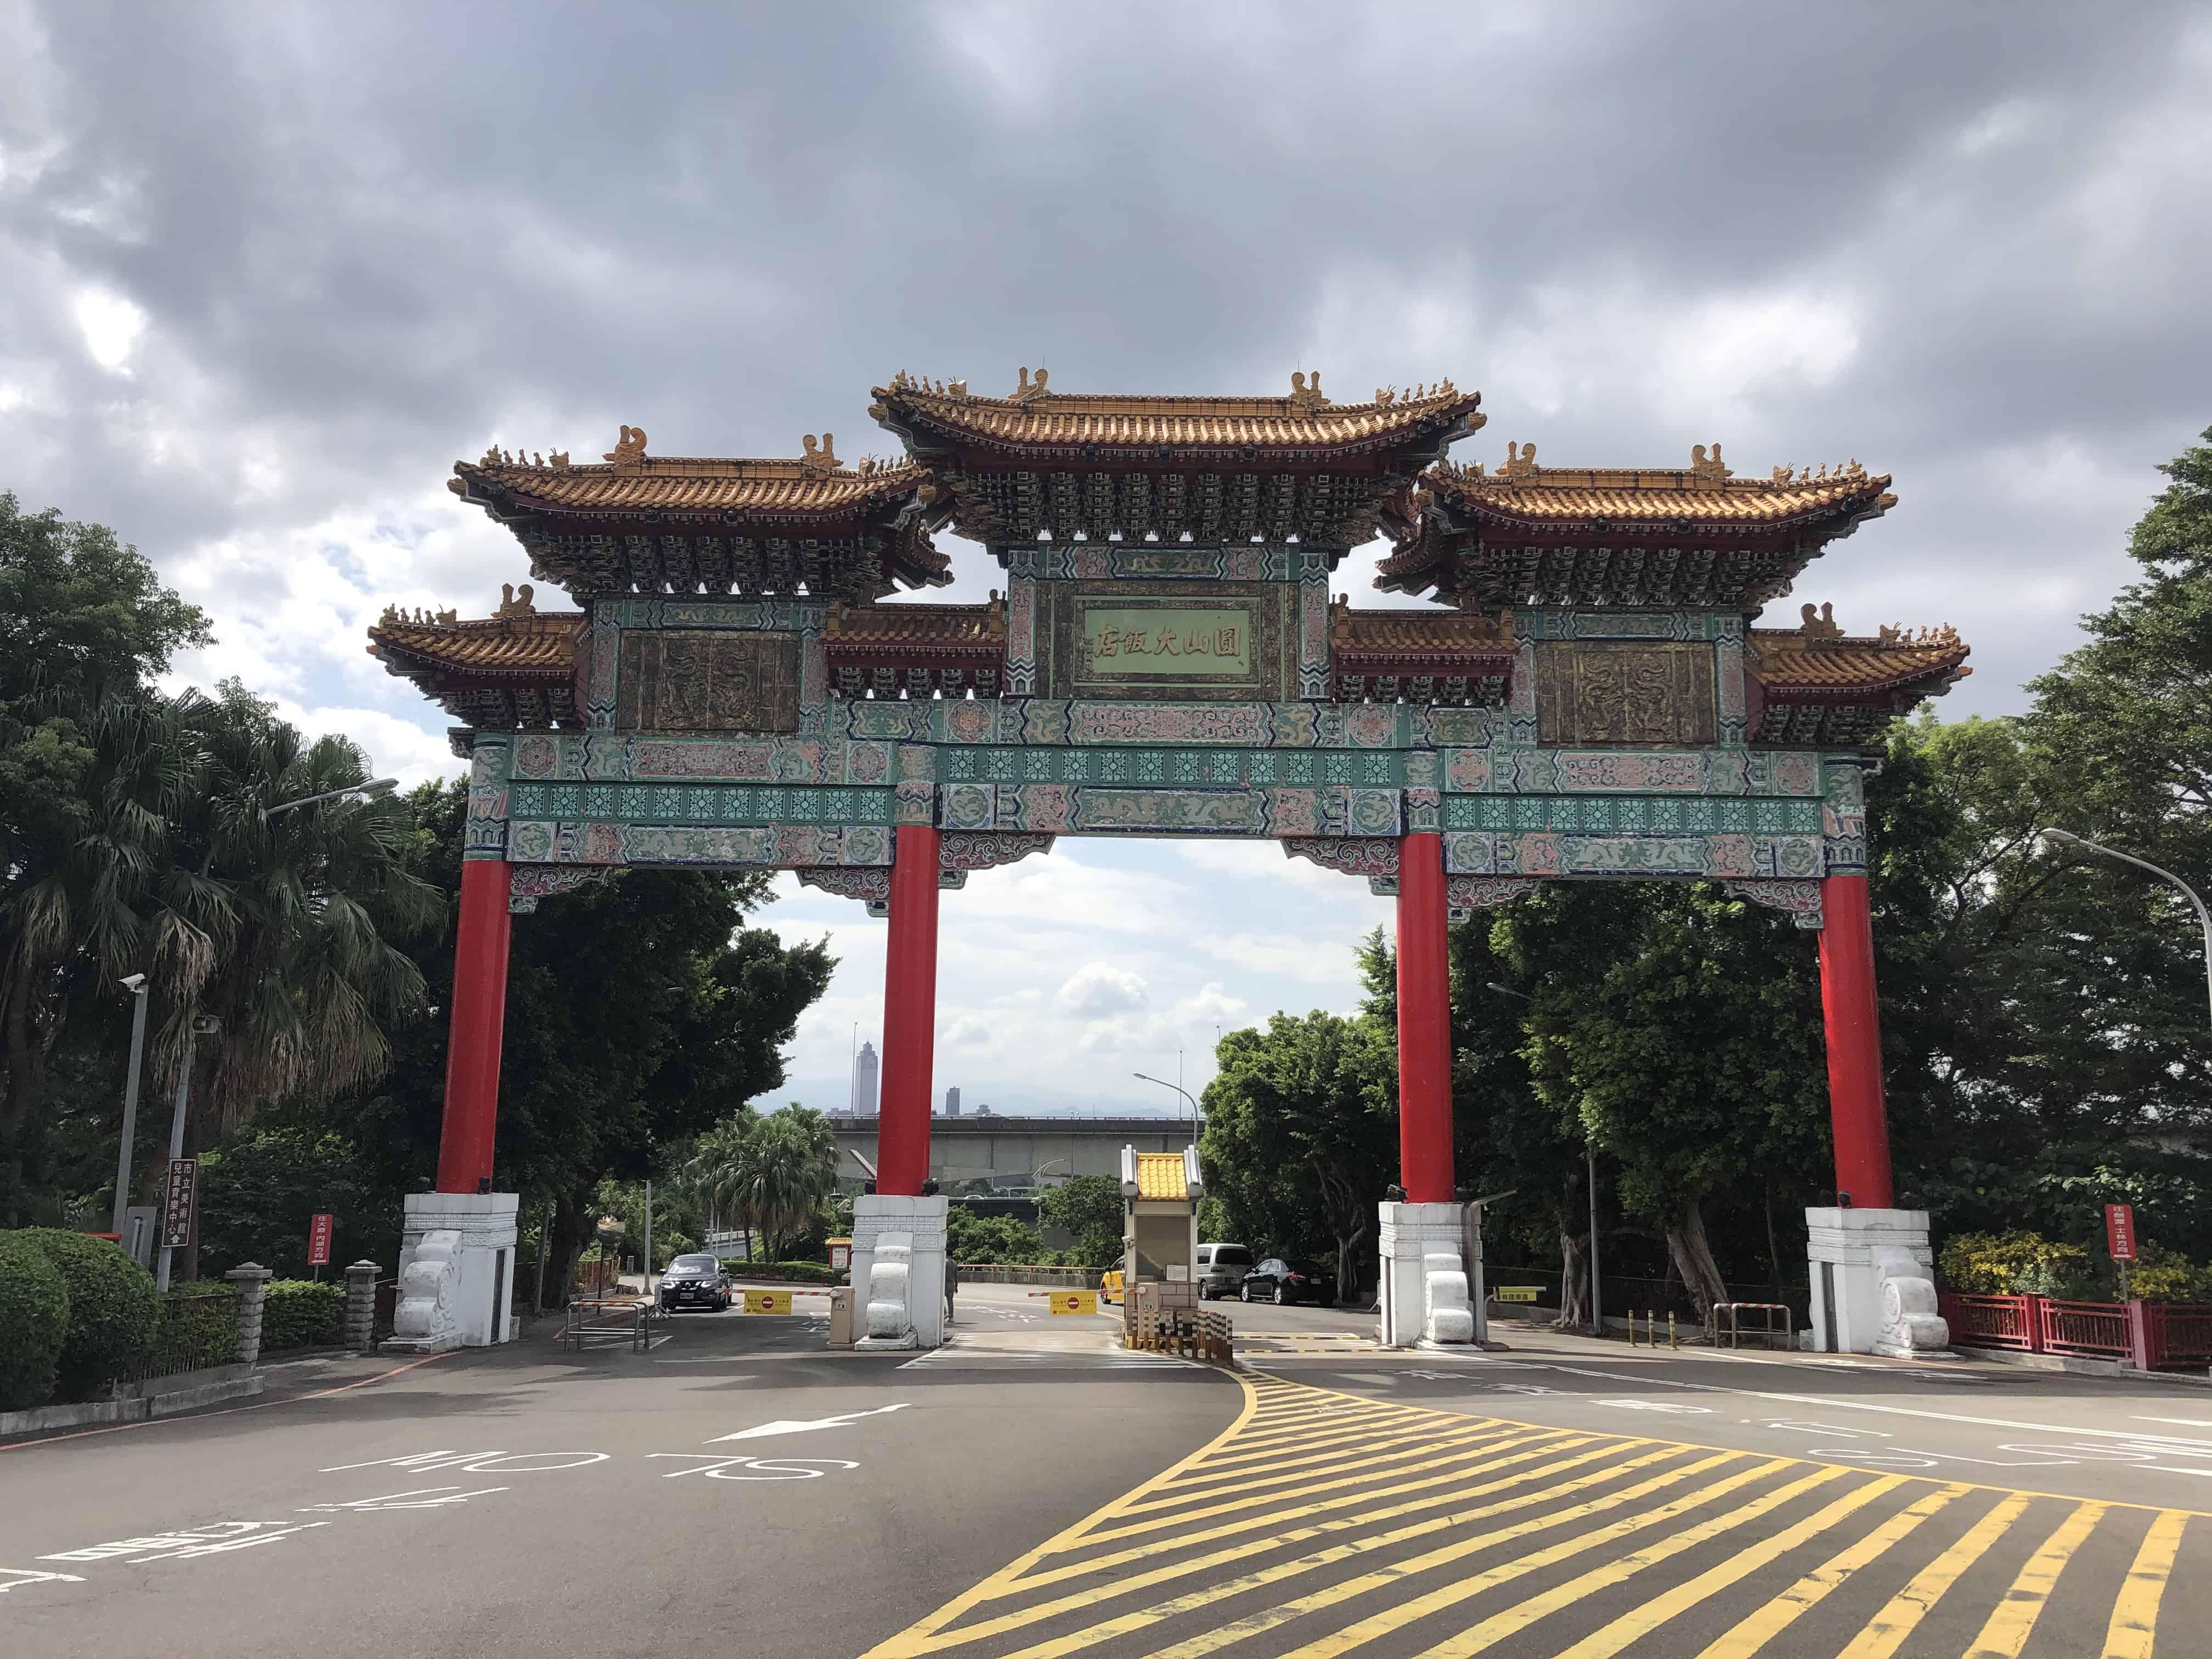 台北自由行 2020 – 圓山大飯店交通及景點介紹全攻略